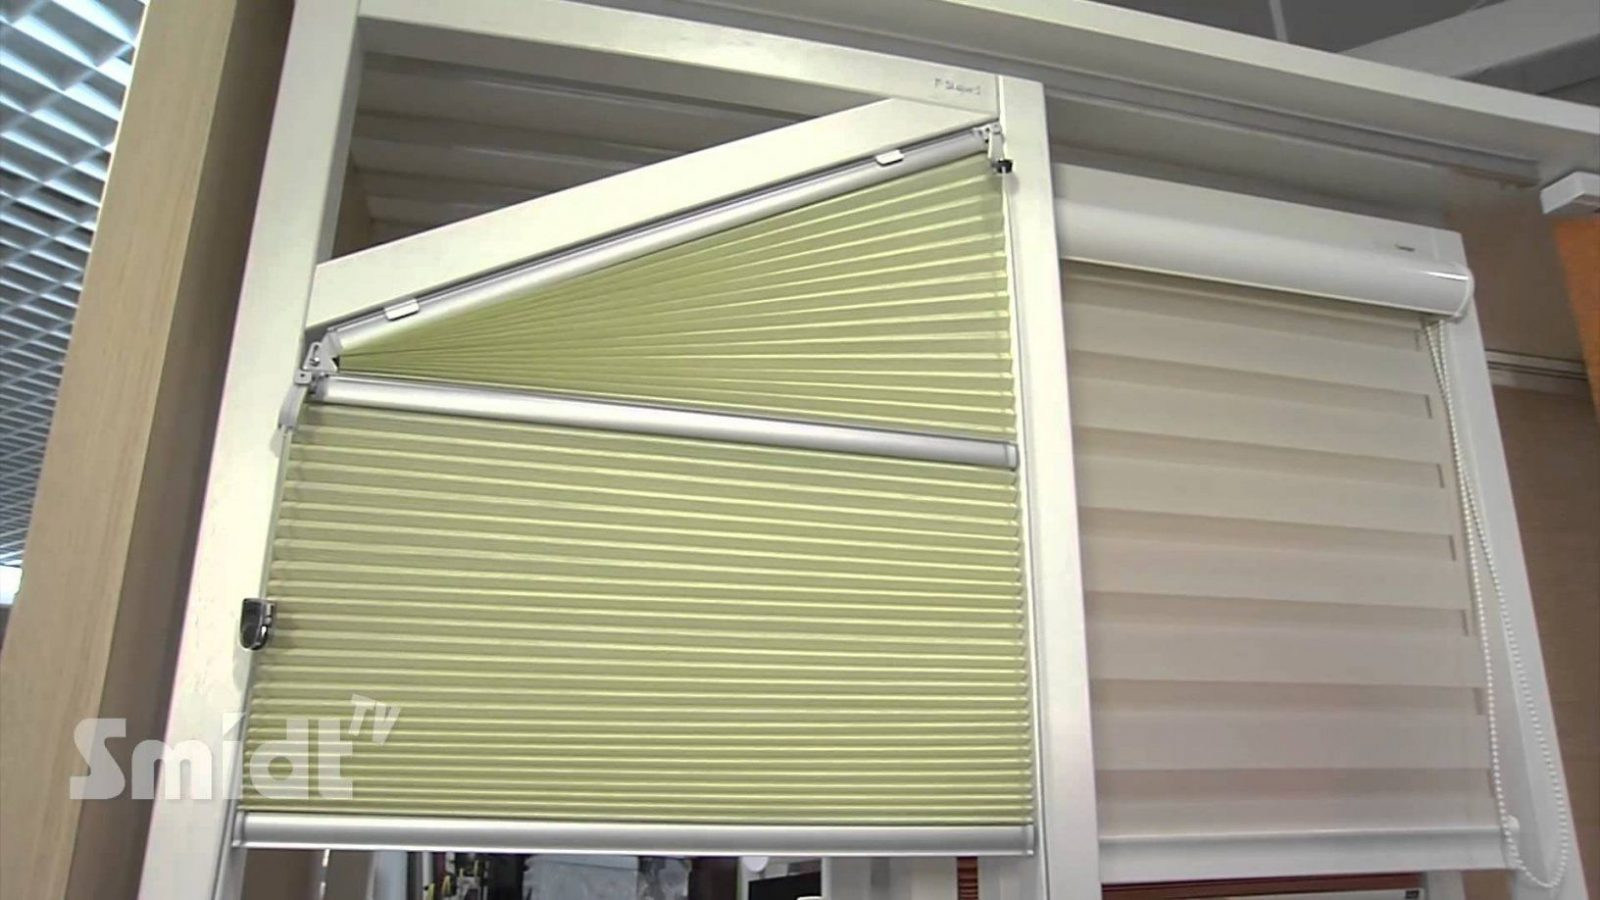 Tipps Zum Gestalten Mit Gardinen Und Alternativen  Youtube von Gardinen Ideen Für Schräge Fenster Bild